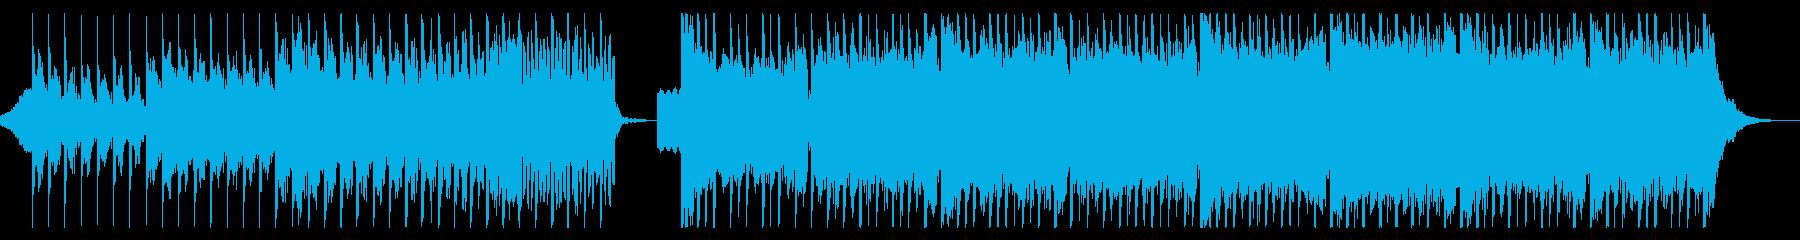 ダークな雰囲気のEDM2の再生済みの波形